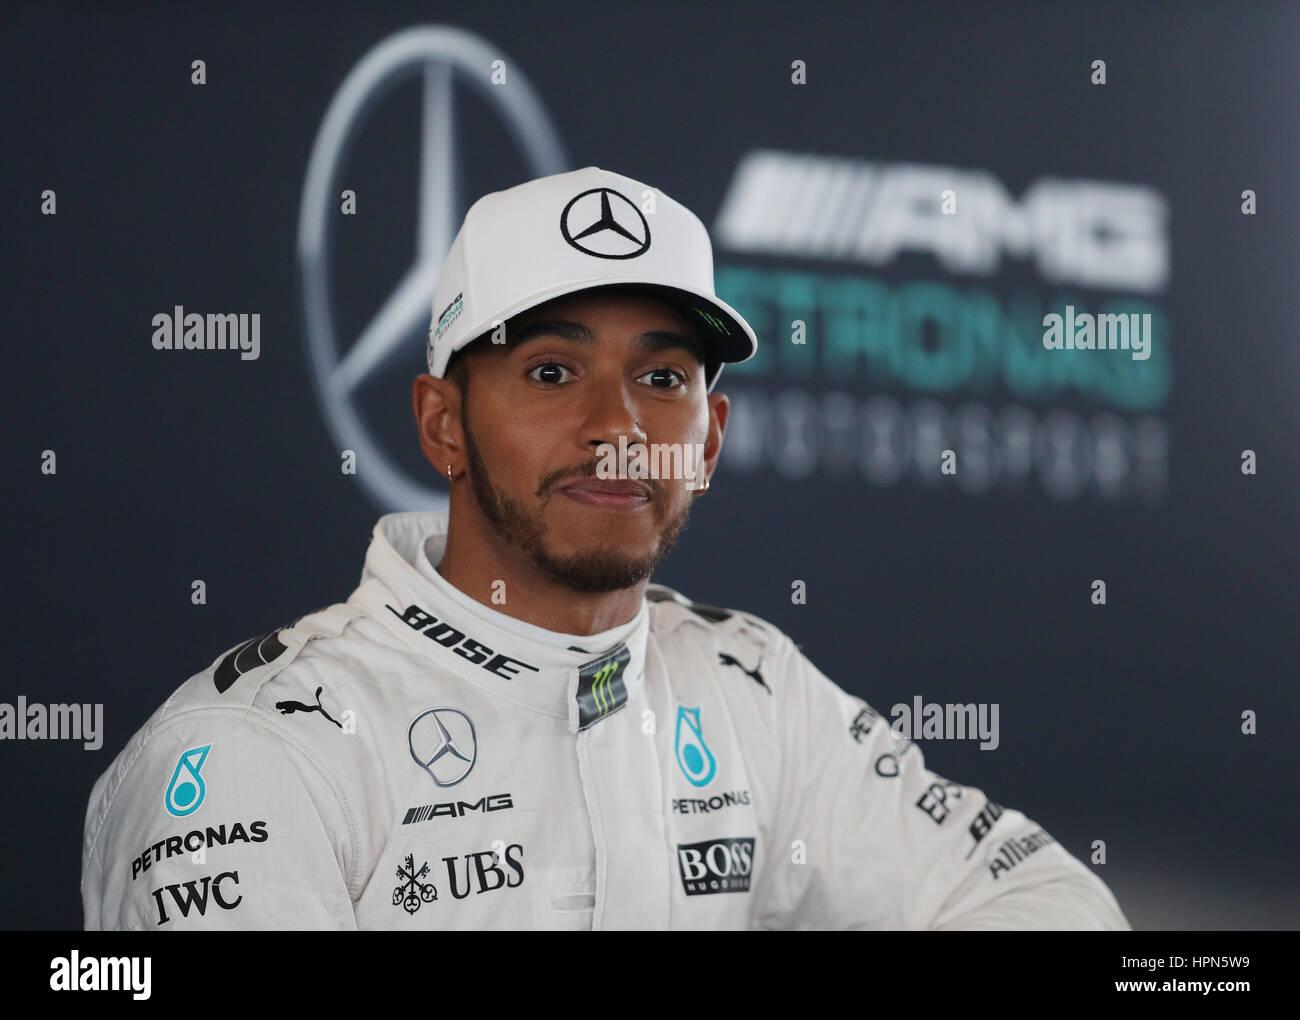 Lewis Hamilton Stock Photos Amp Lewis Hamilton Stock Images